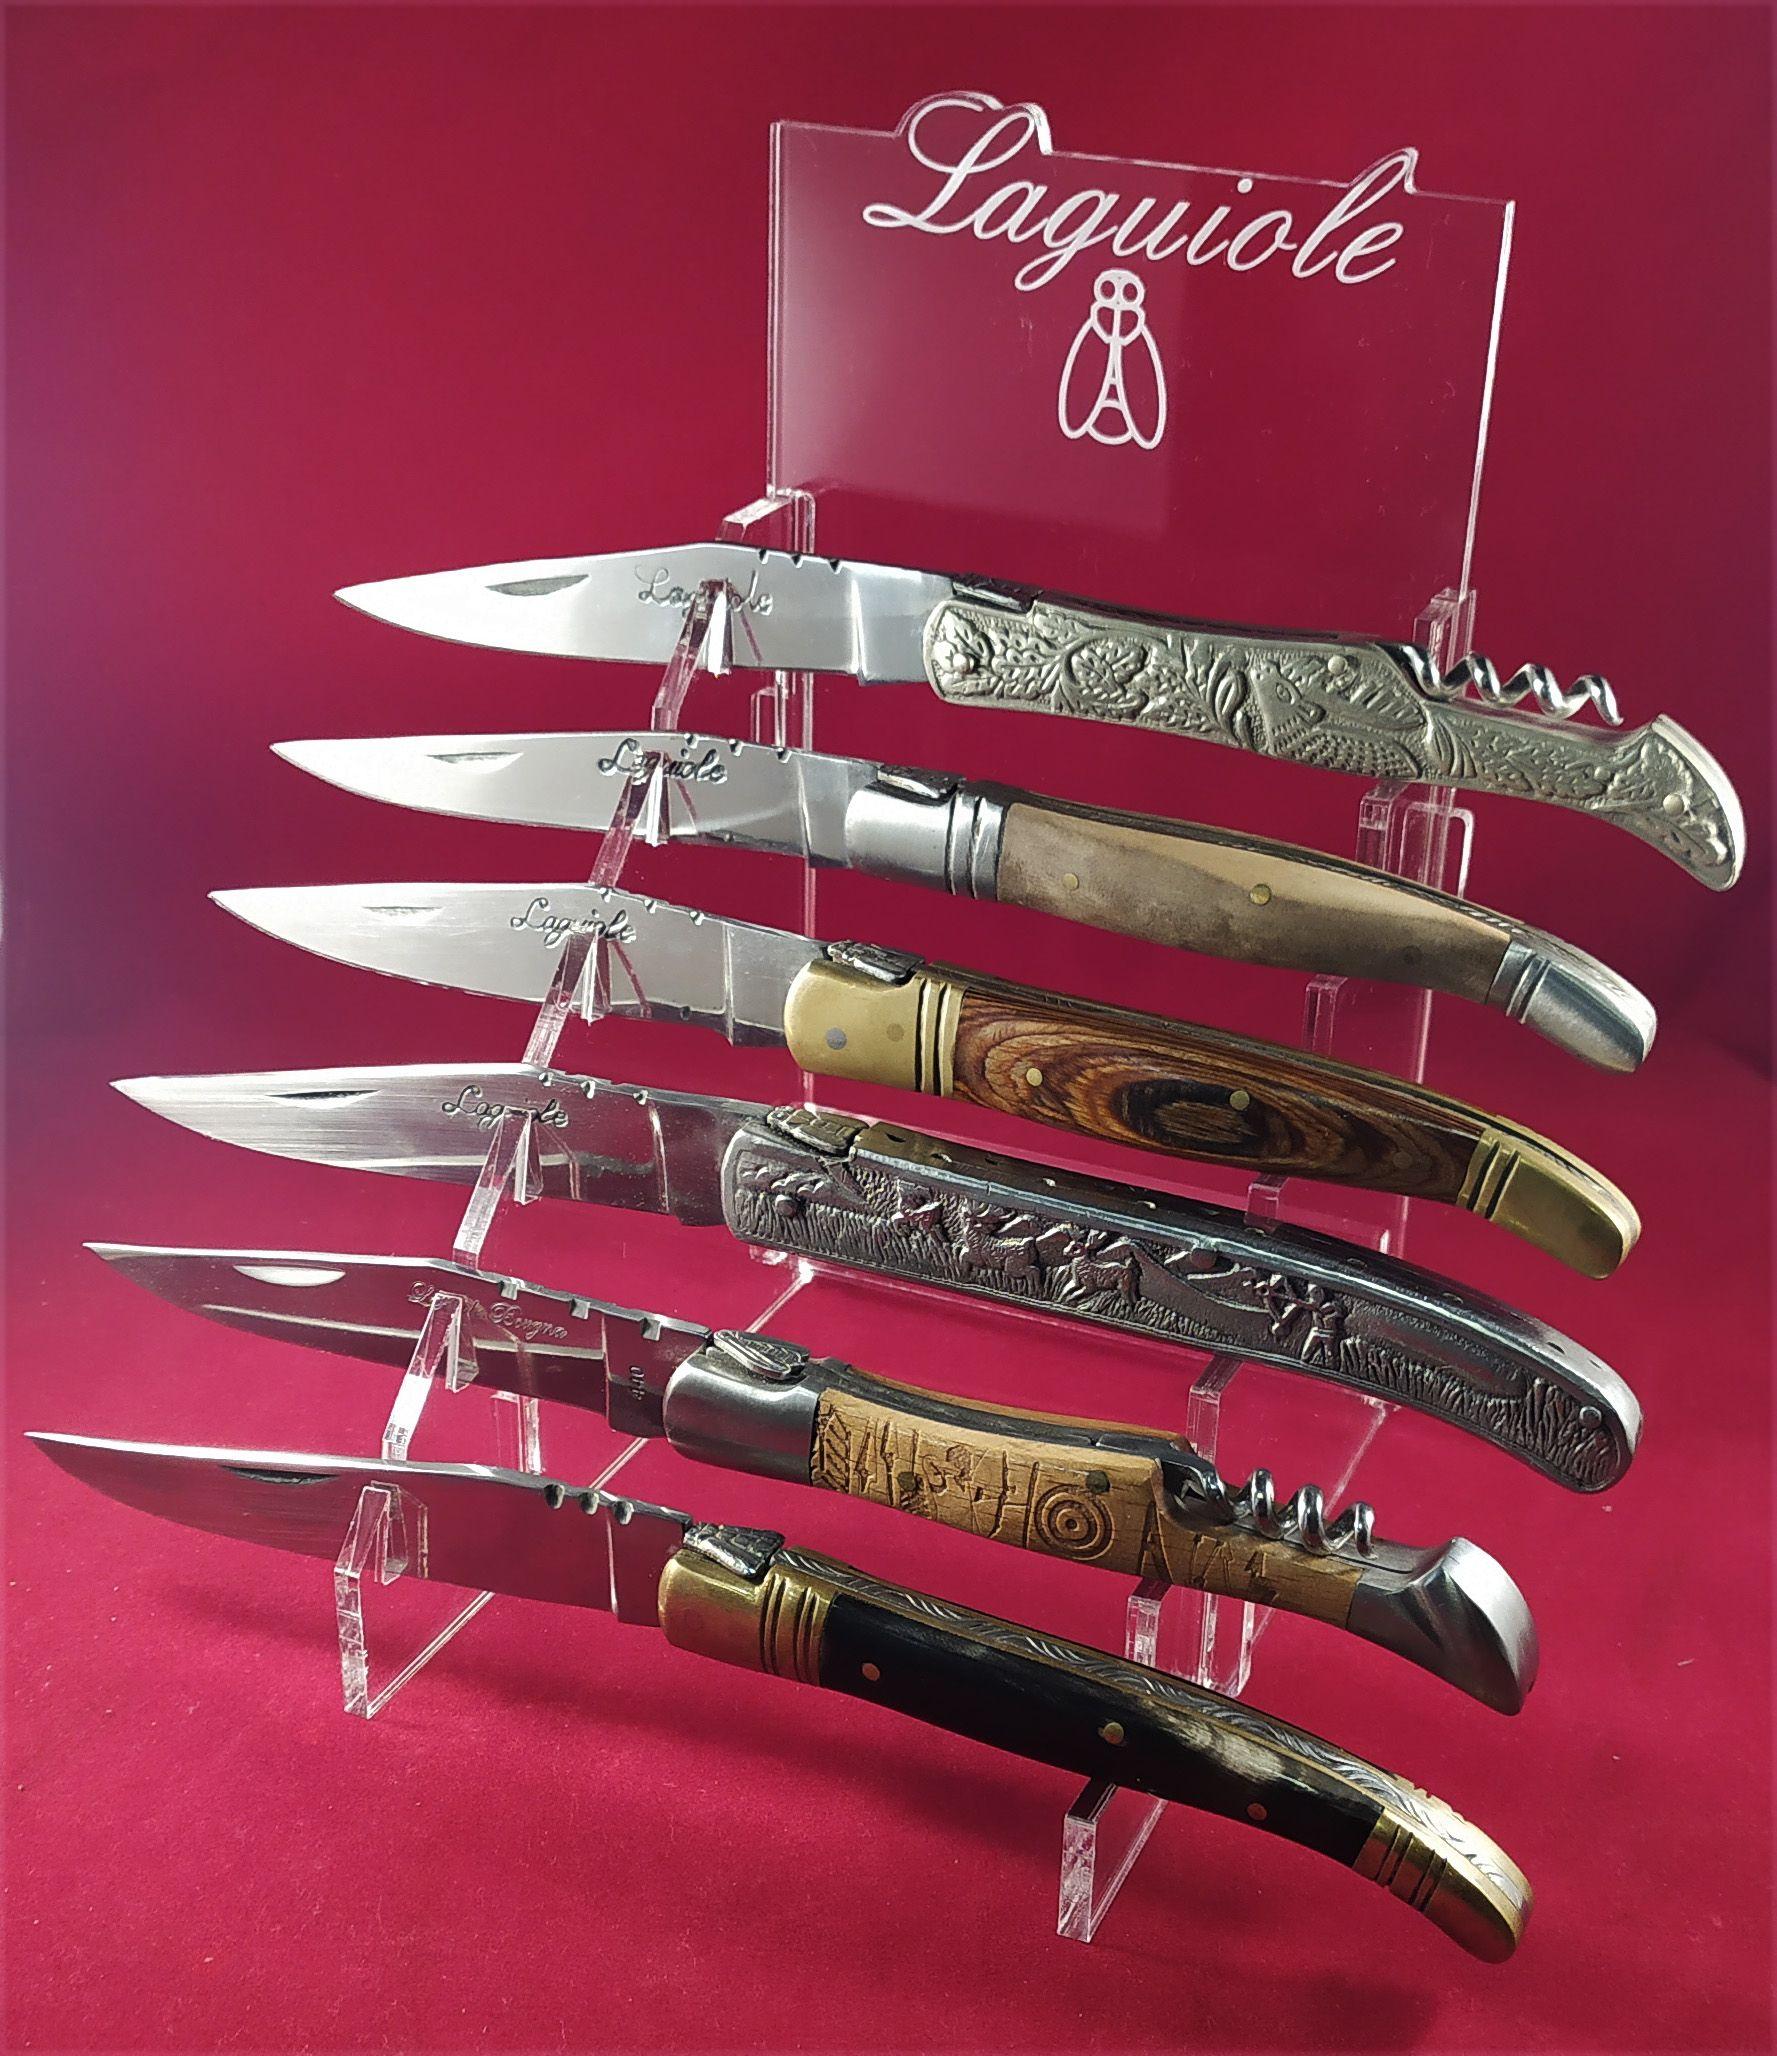 Presentoir En Plexi Incolore Pour 6 Laguioles Excellent Rendu Dans Une Vitrine Disponible De Suite Ref C6l Couteau Laguiole Presentoir Et Artisan Coutelier